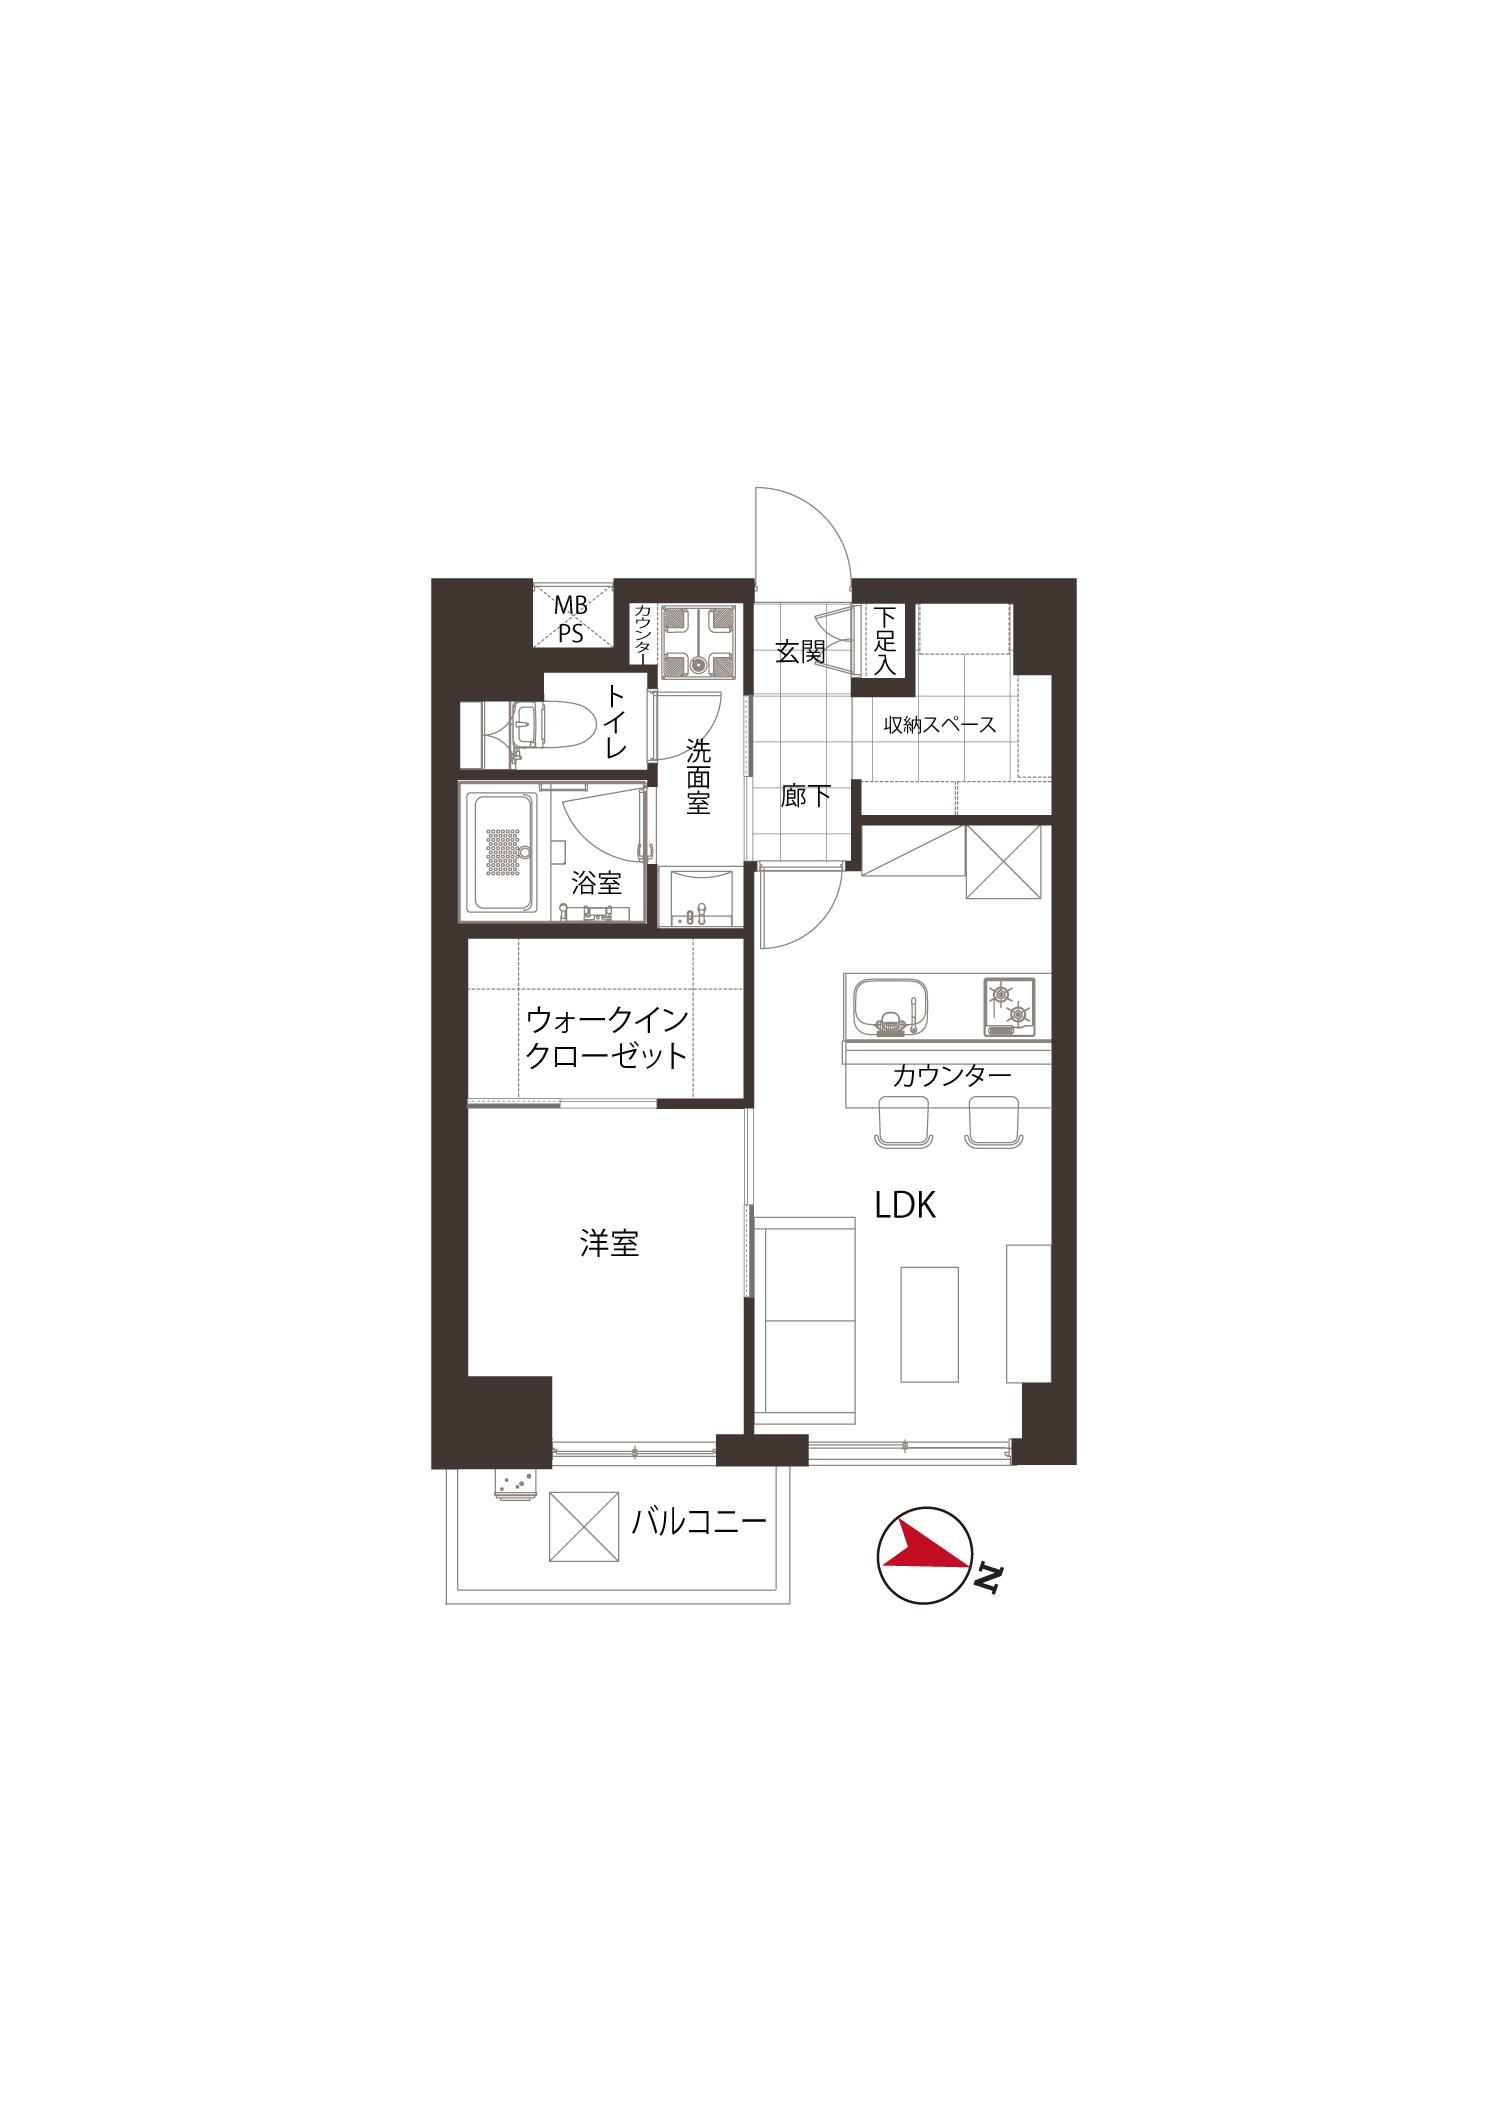 若松河田 駅近で便利、過ごしやすい部屋 間取り図